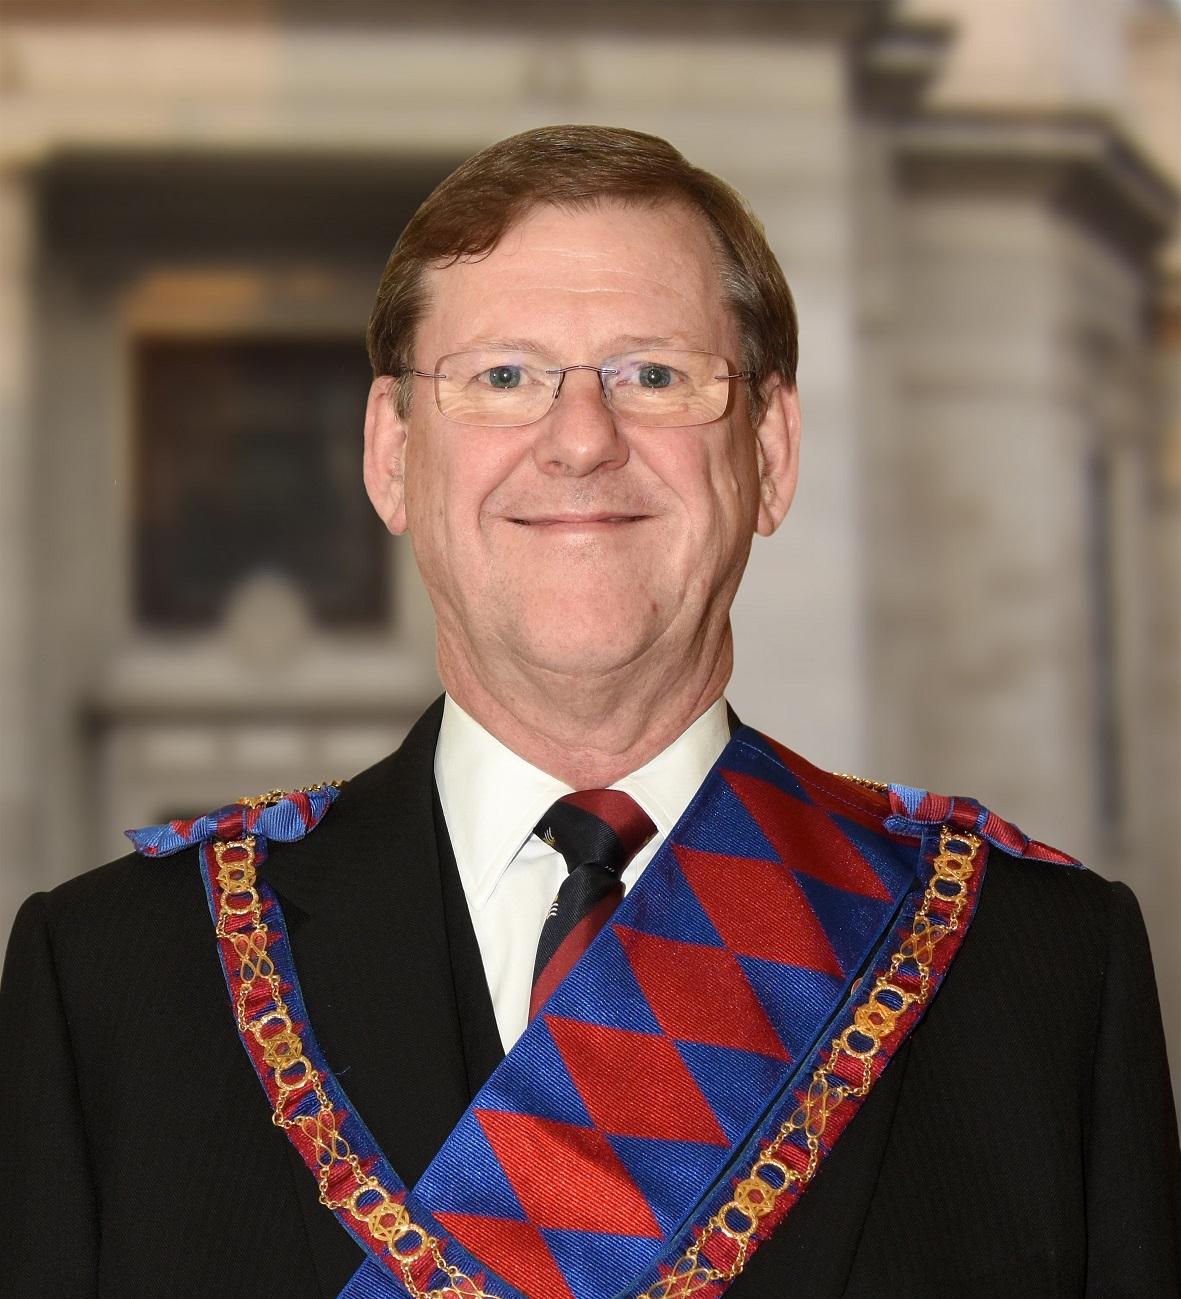 E.Comp. John Eynon PGStB <br />Second Provincial Grand Principal (Designate)